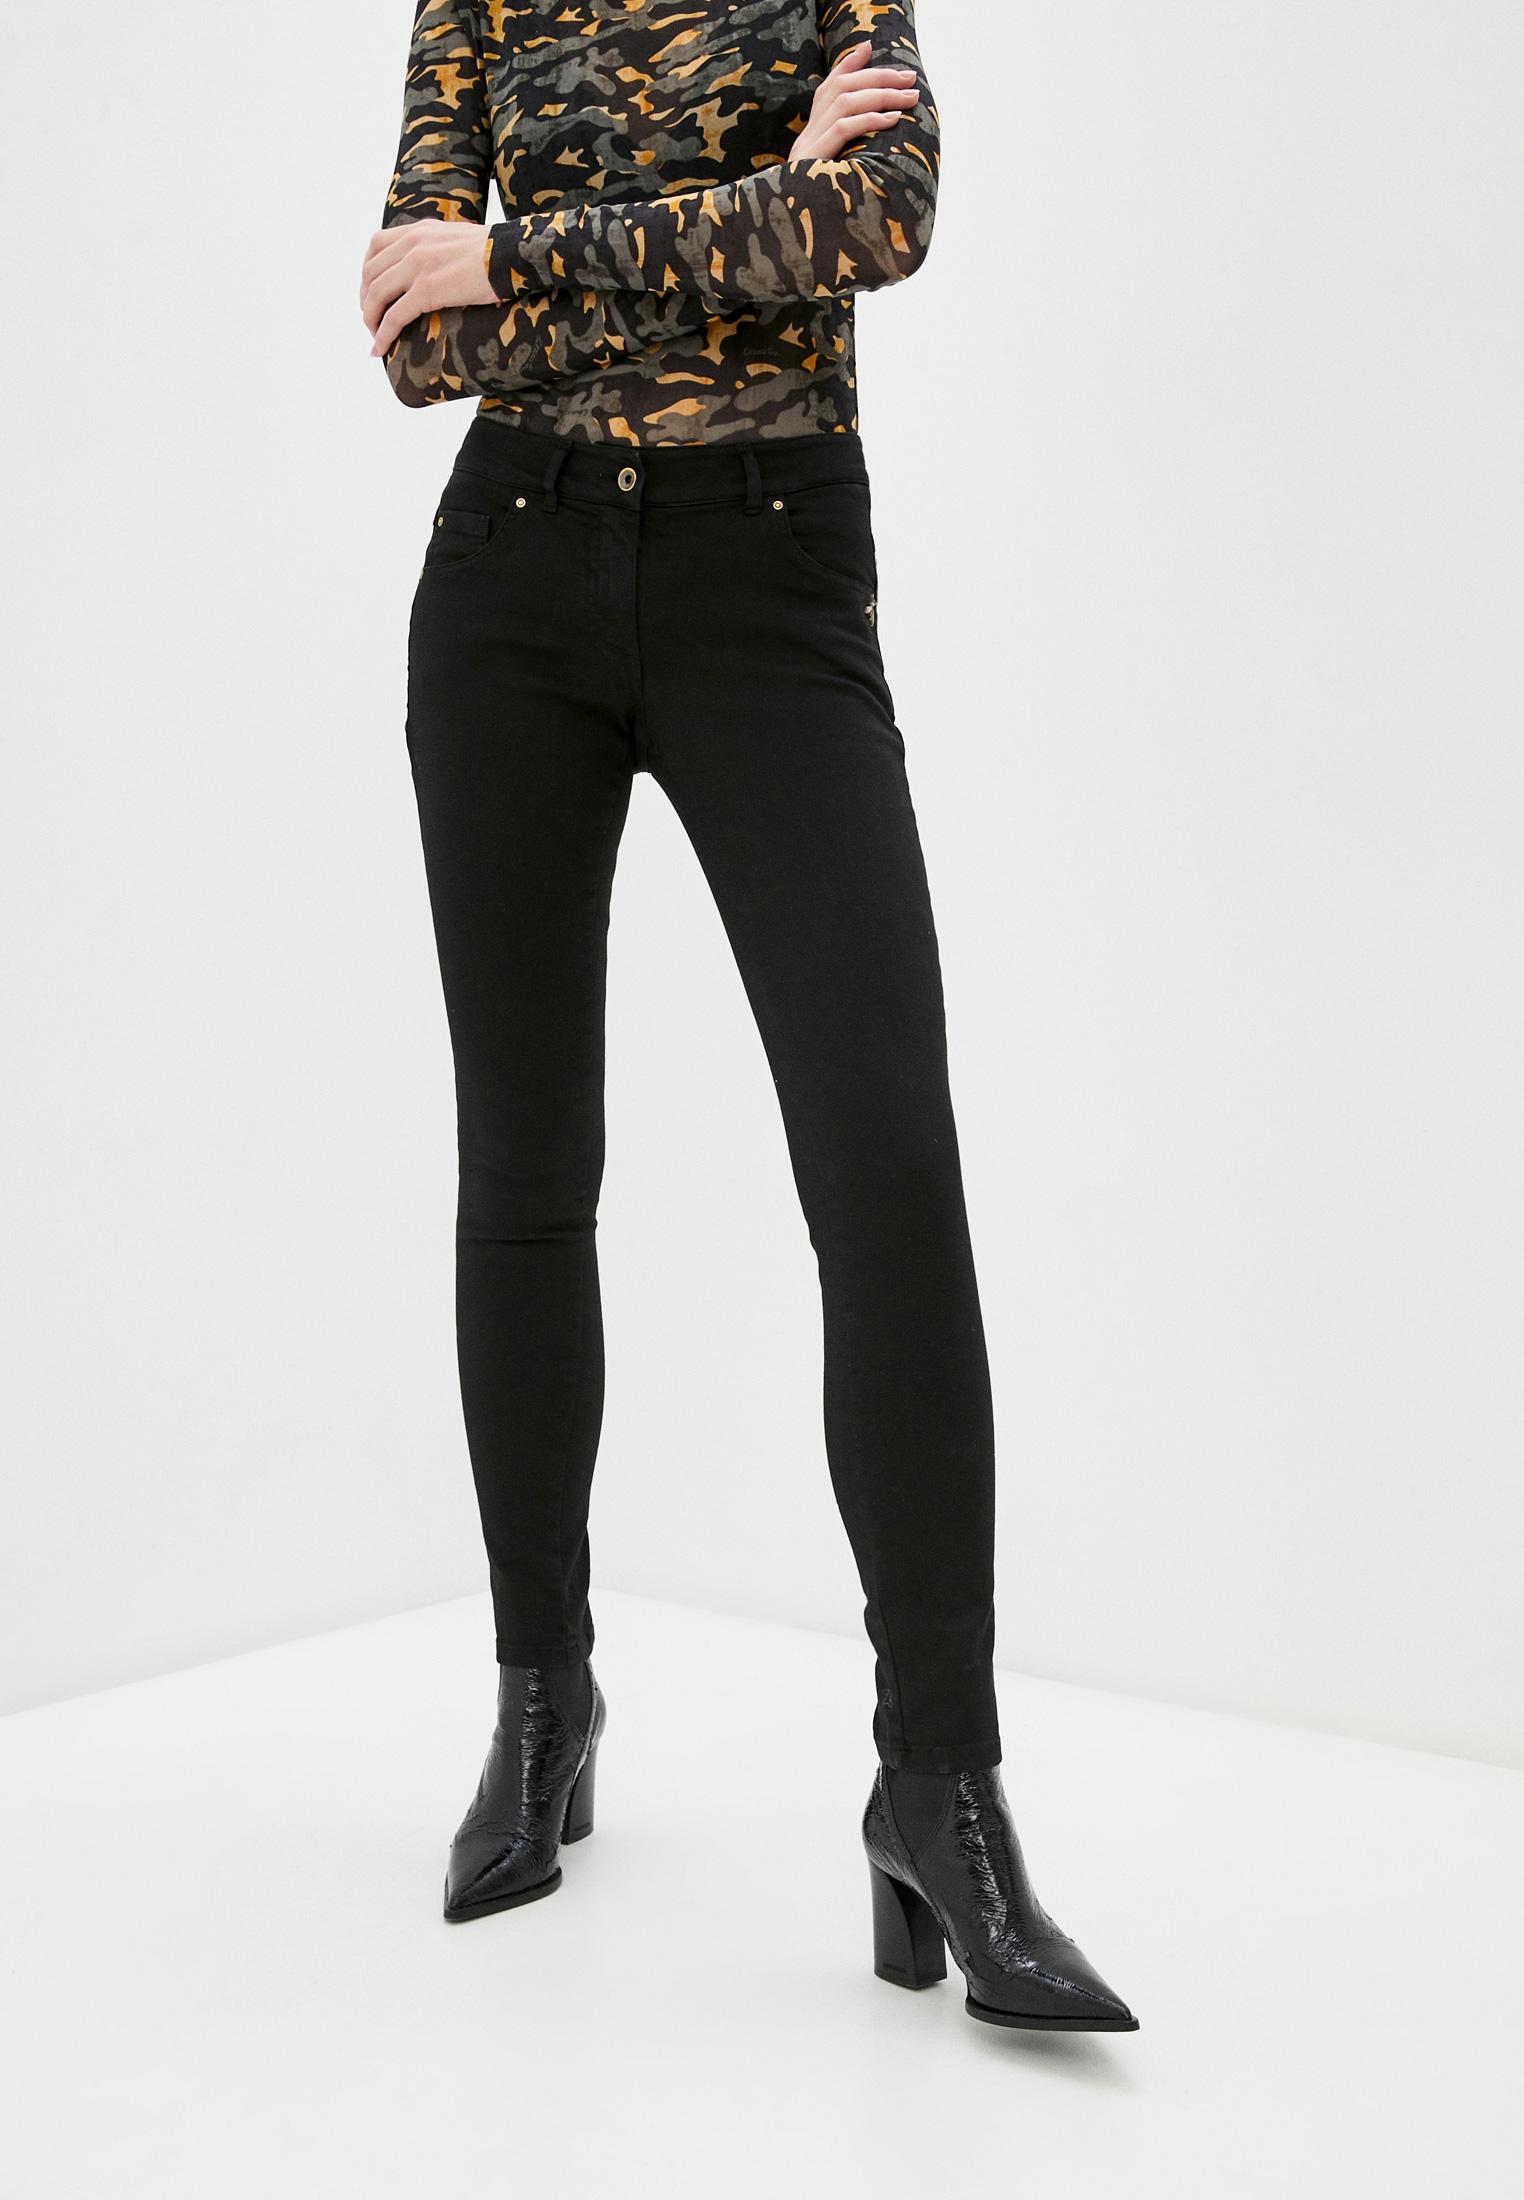 Зауженные джинсы Patrizia Pepe (Патриция Пепе) 8P0336 A8S1: изображение 1